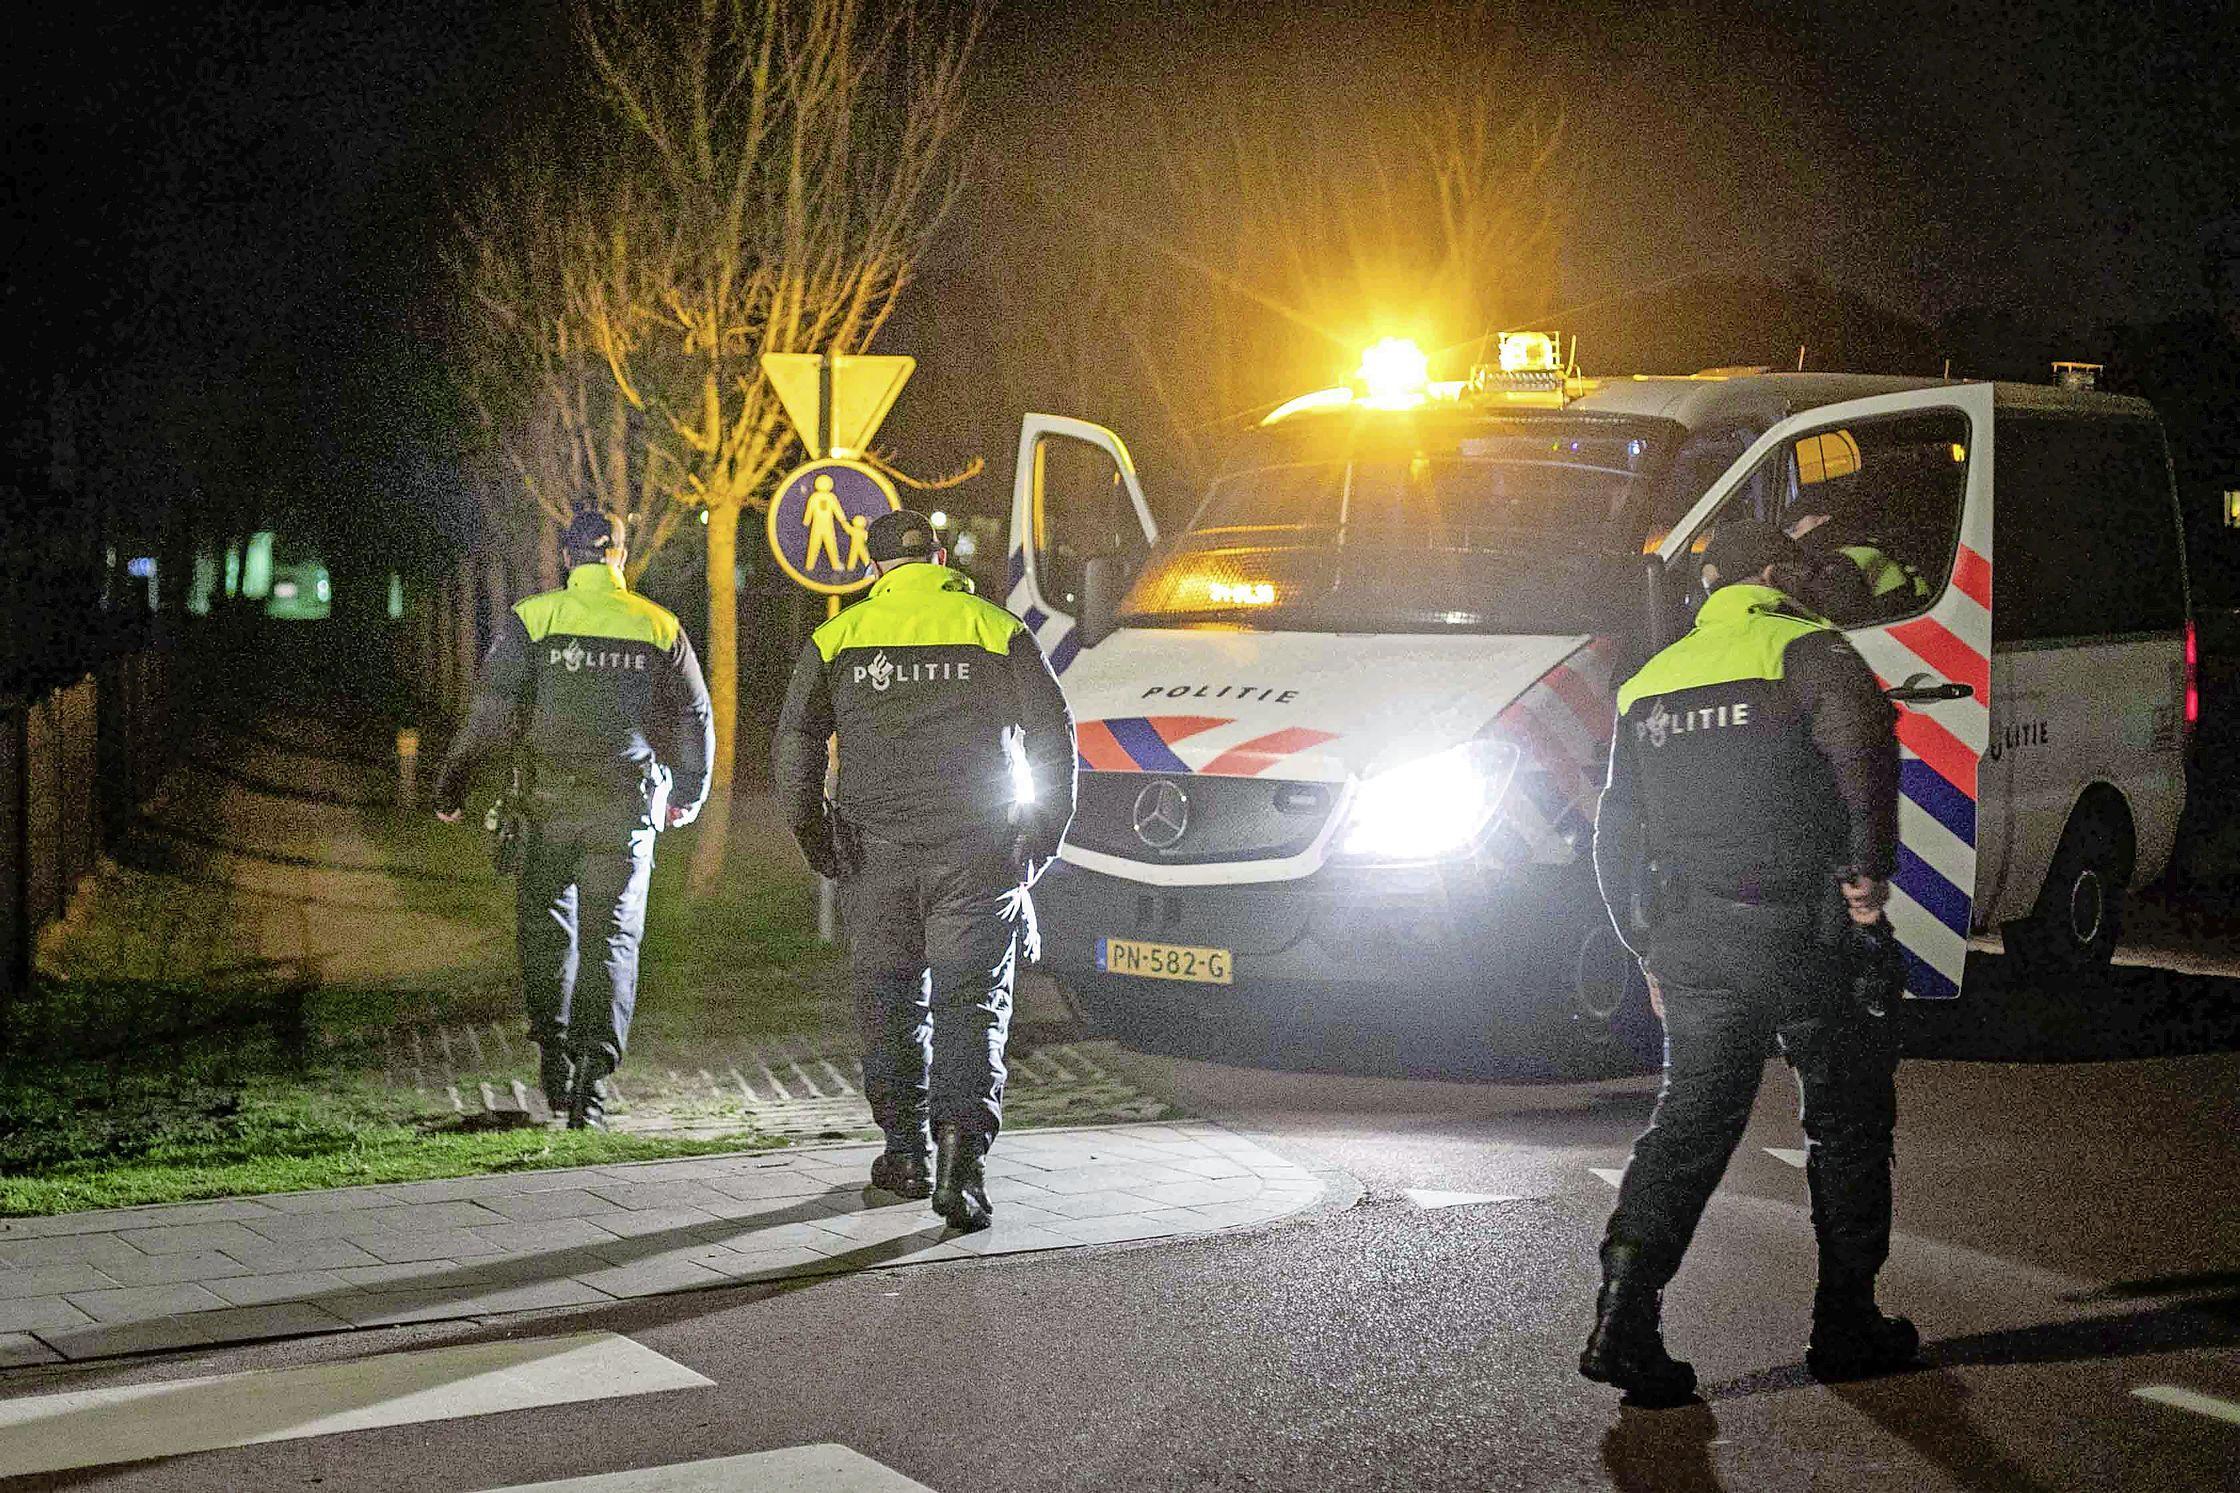 Illegaal feest in de duinen bij Bloemendaal, politie beboet twee jongens